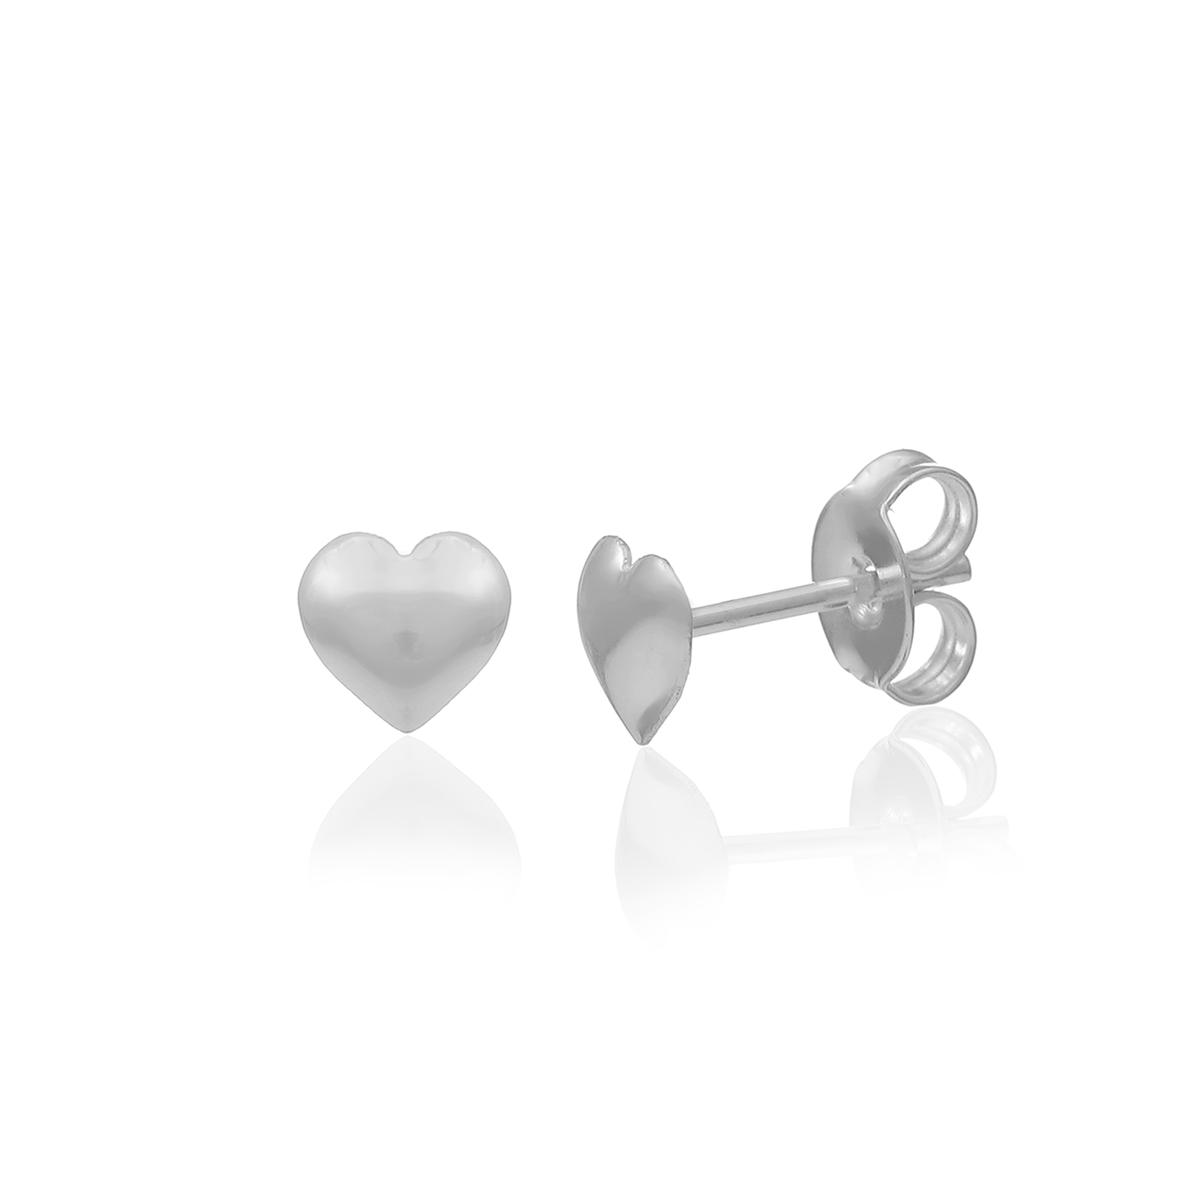 Brinco Coração Mini Prata 925